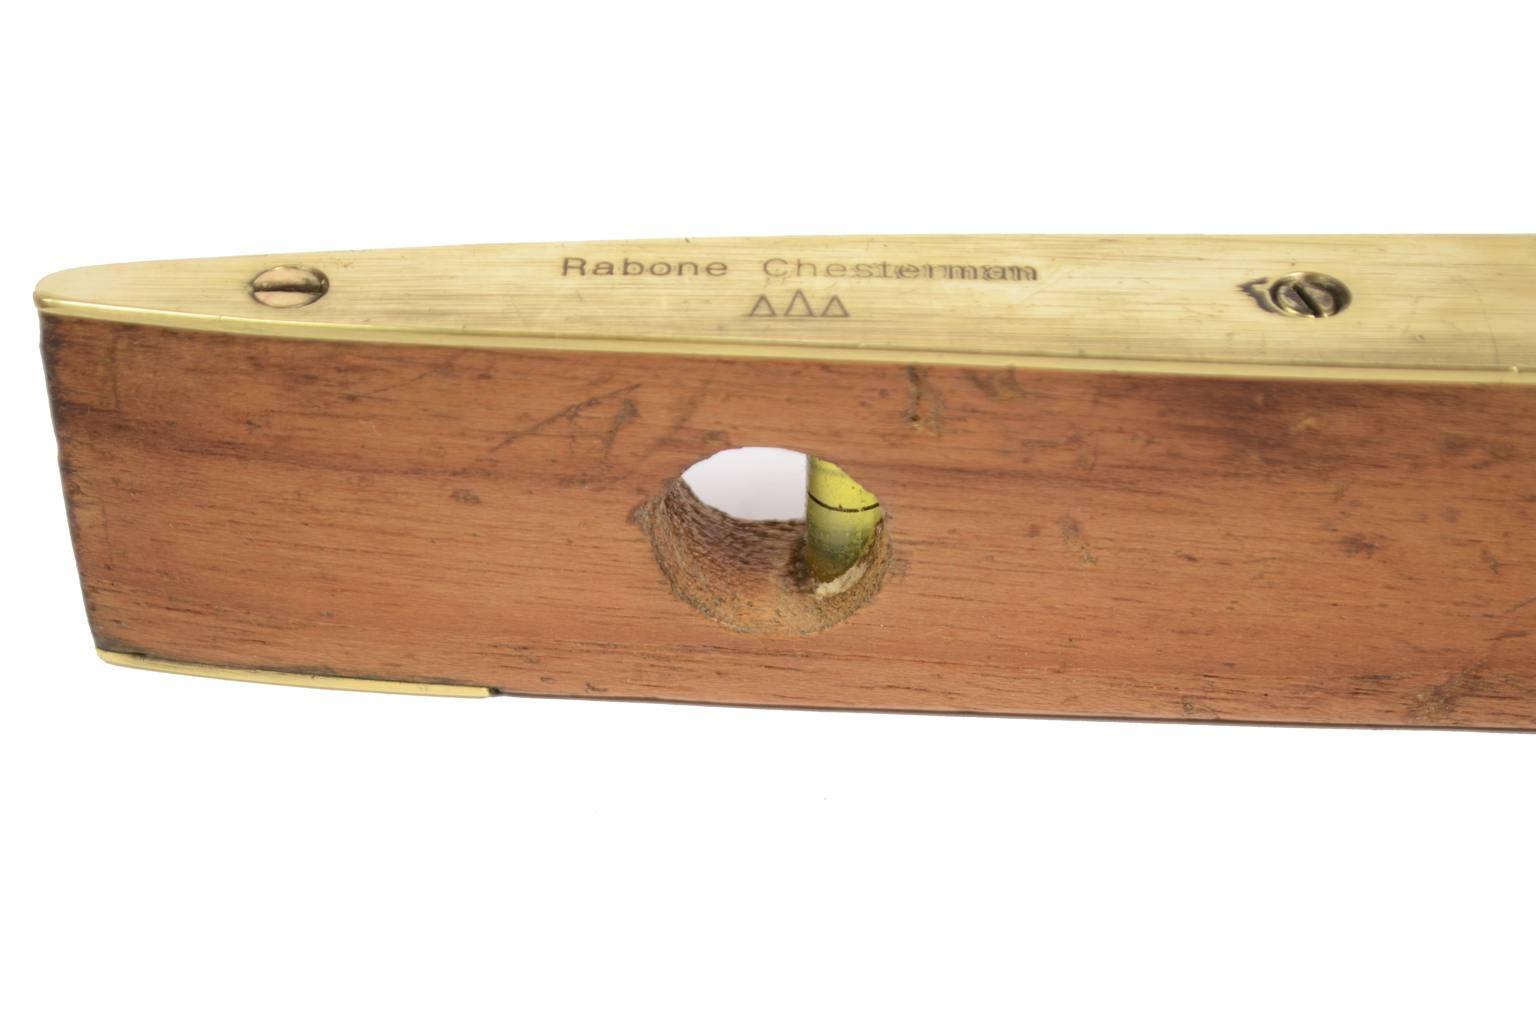 Strumenti di misura antichi/6318-Livella epoca